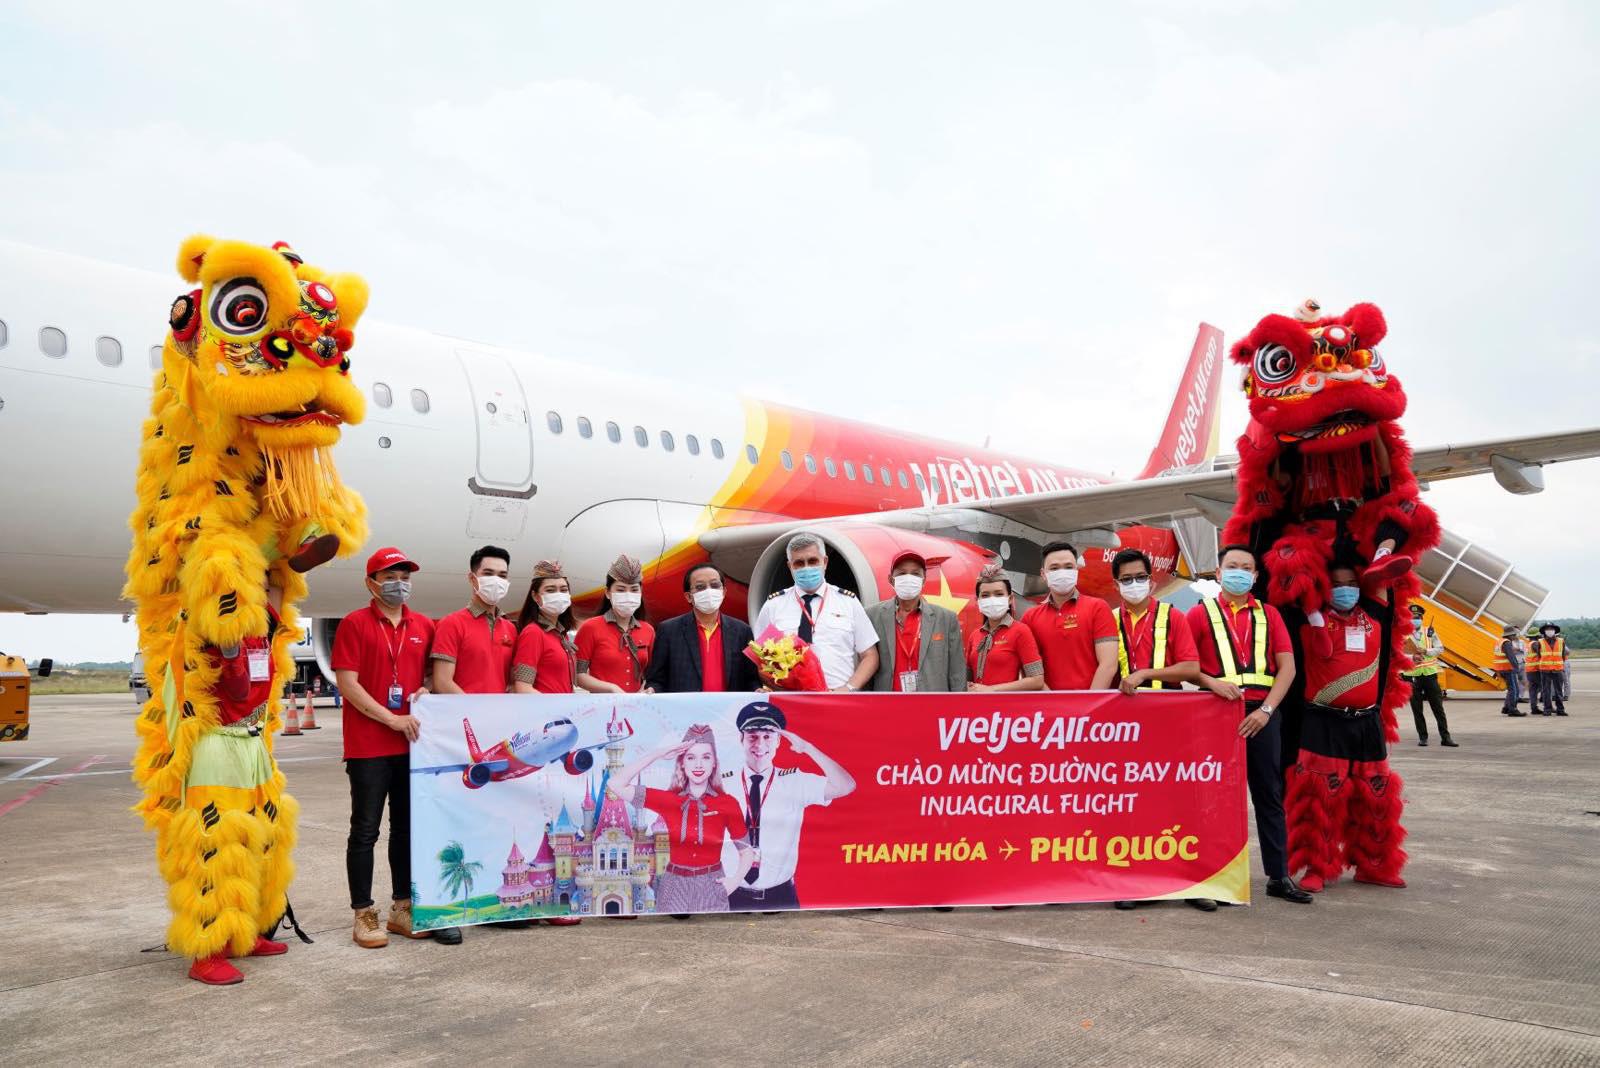 Siêu ưu đãi kỳ nghỉ trọn gói từ 10 đường bay Vietjet tới Phú Quốc